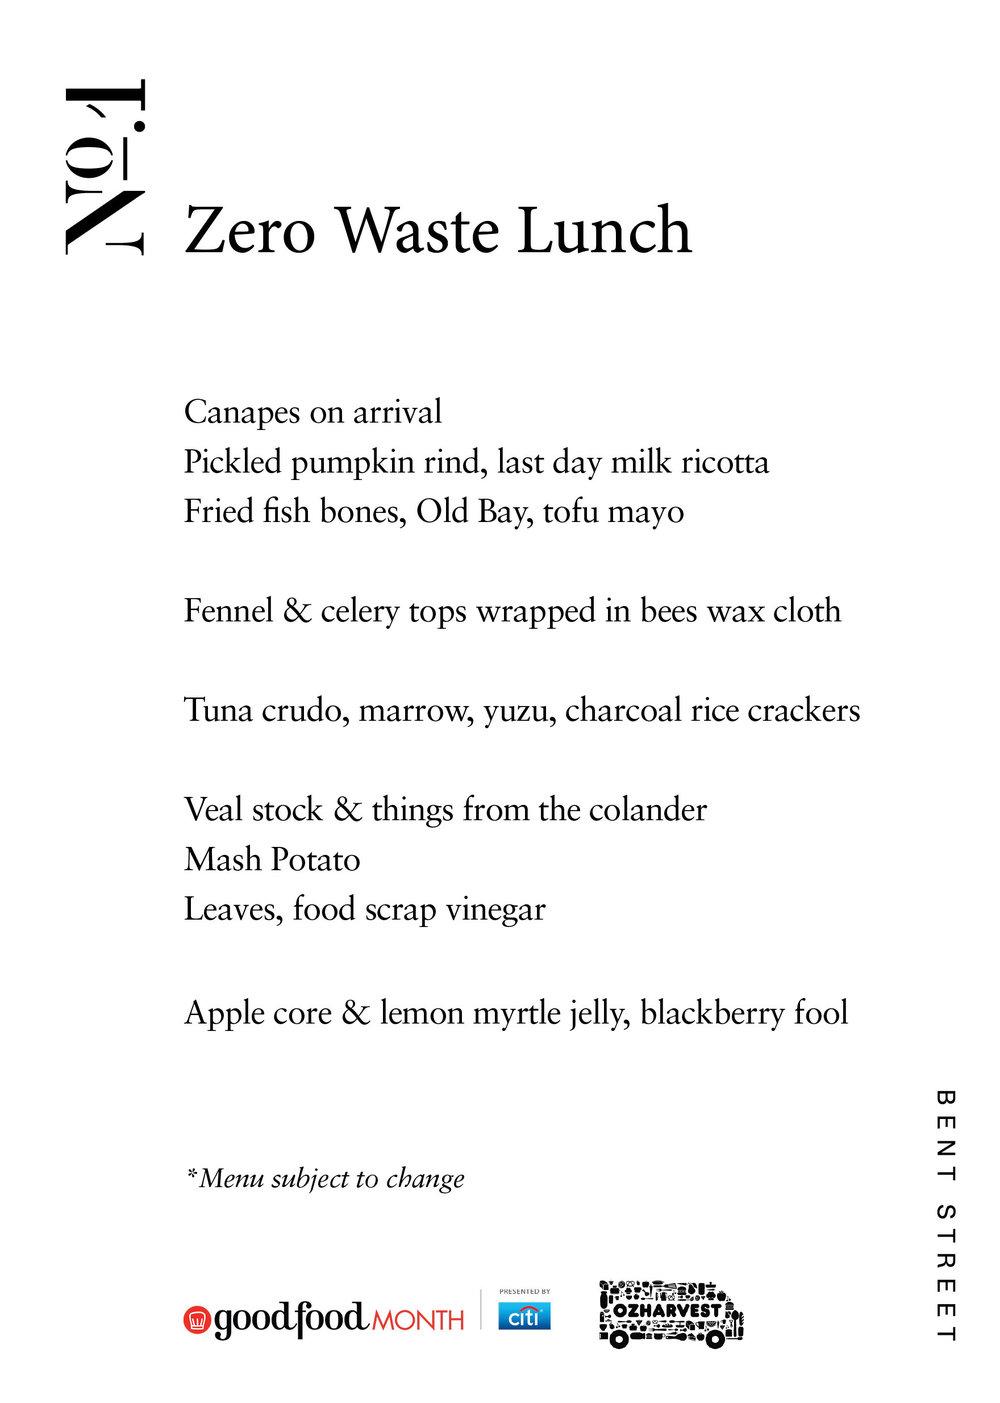 Zero Waste Lunch Menu A5 20182.jpg